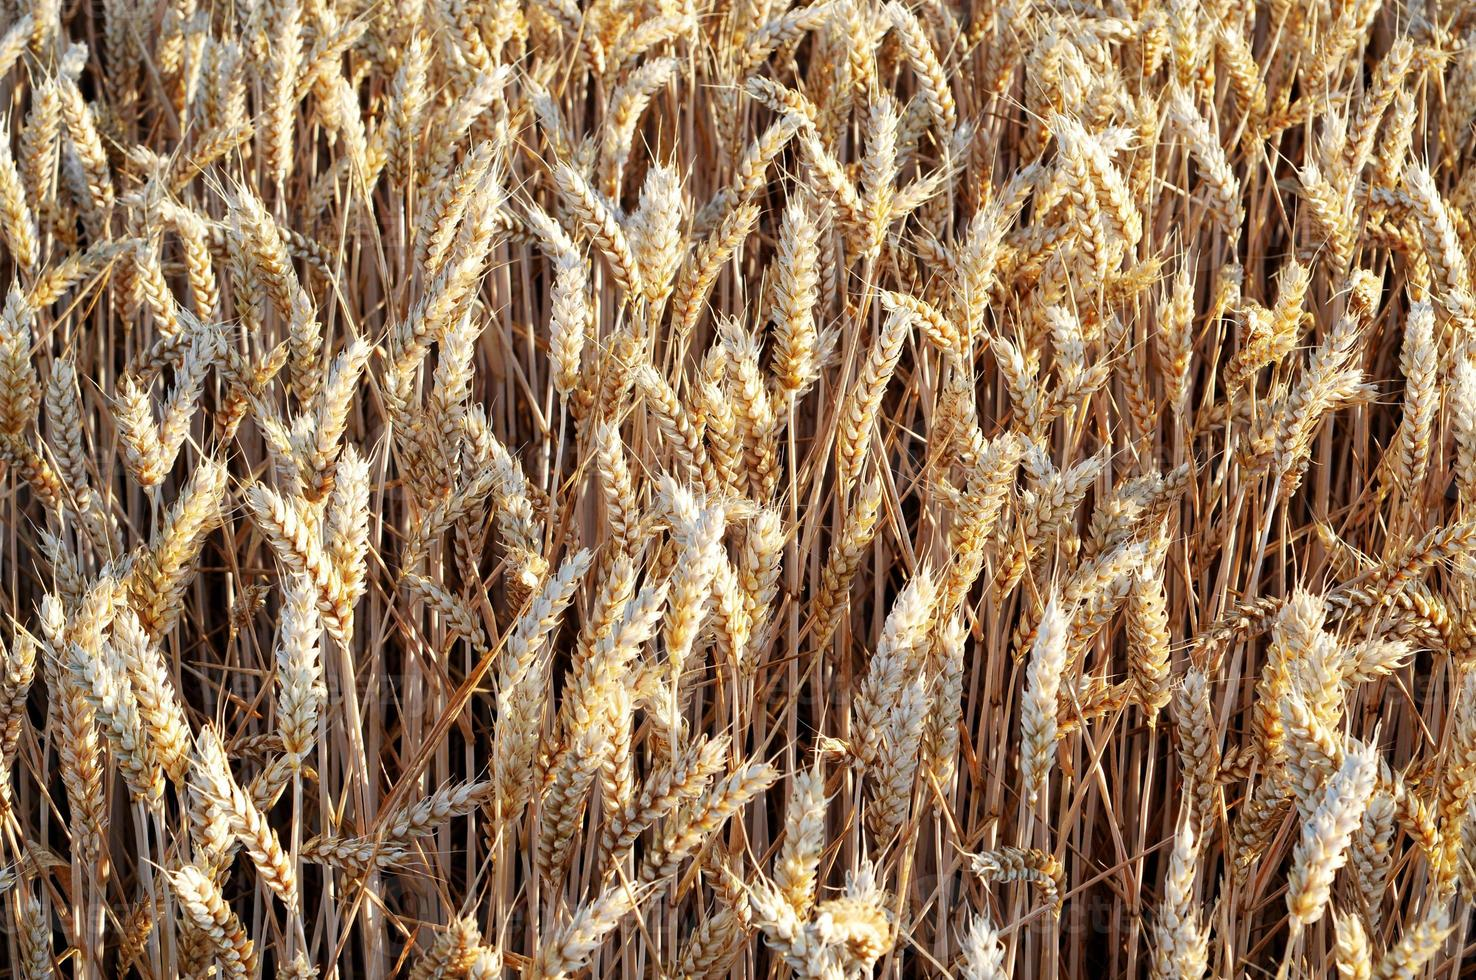 trigo dorado en el campo foto